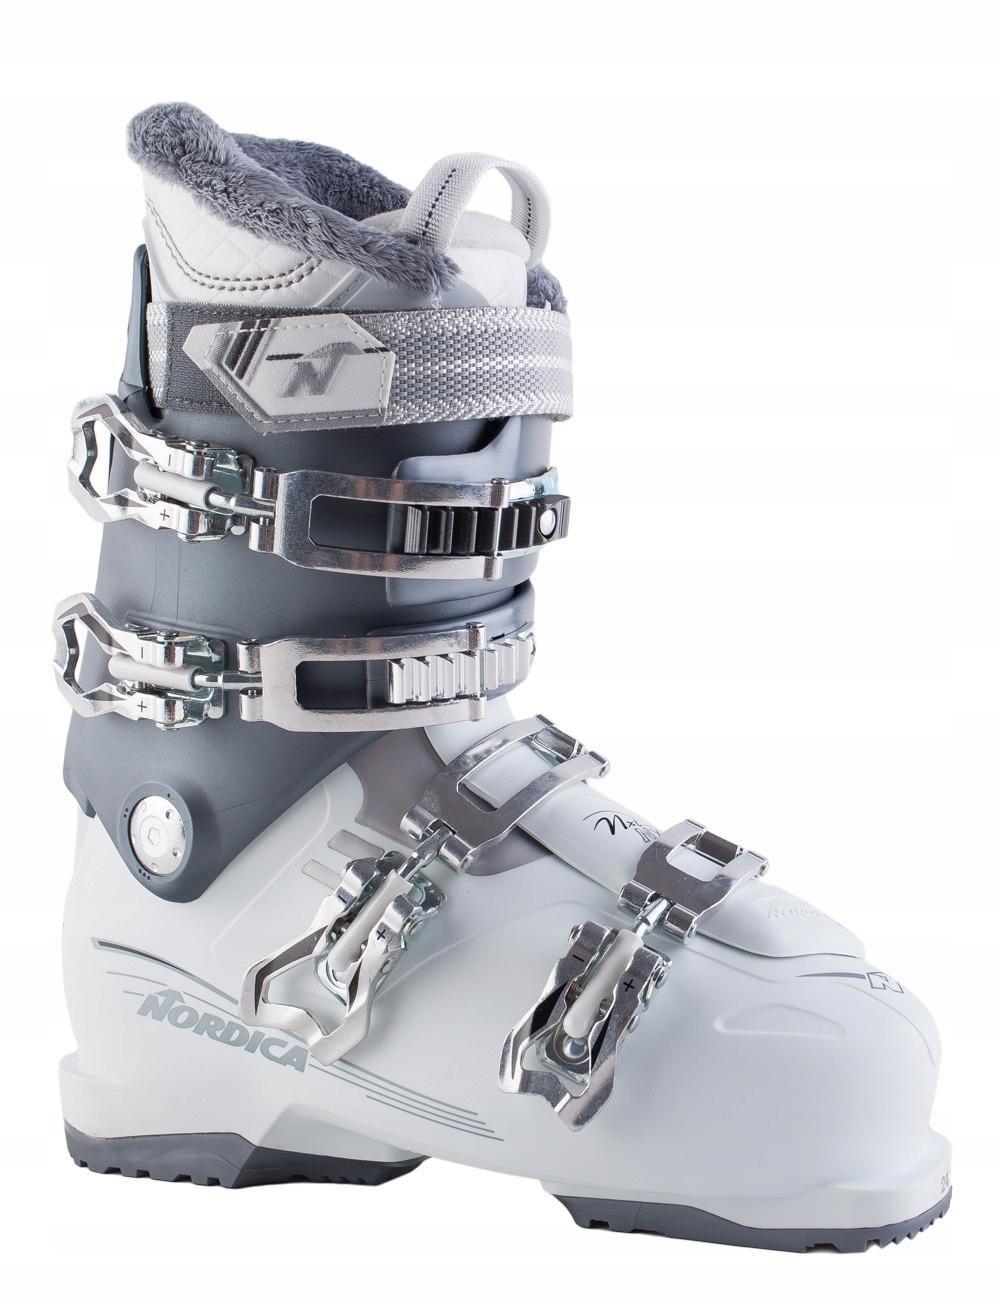 Salomon X Access X60 W nowe buty narciarskie zjazdowe 255 mm